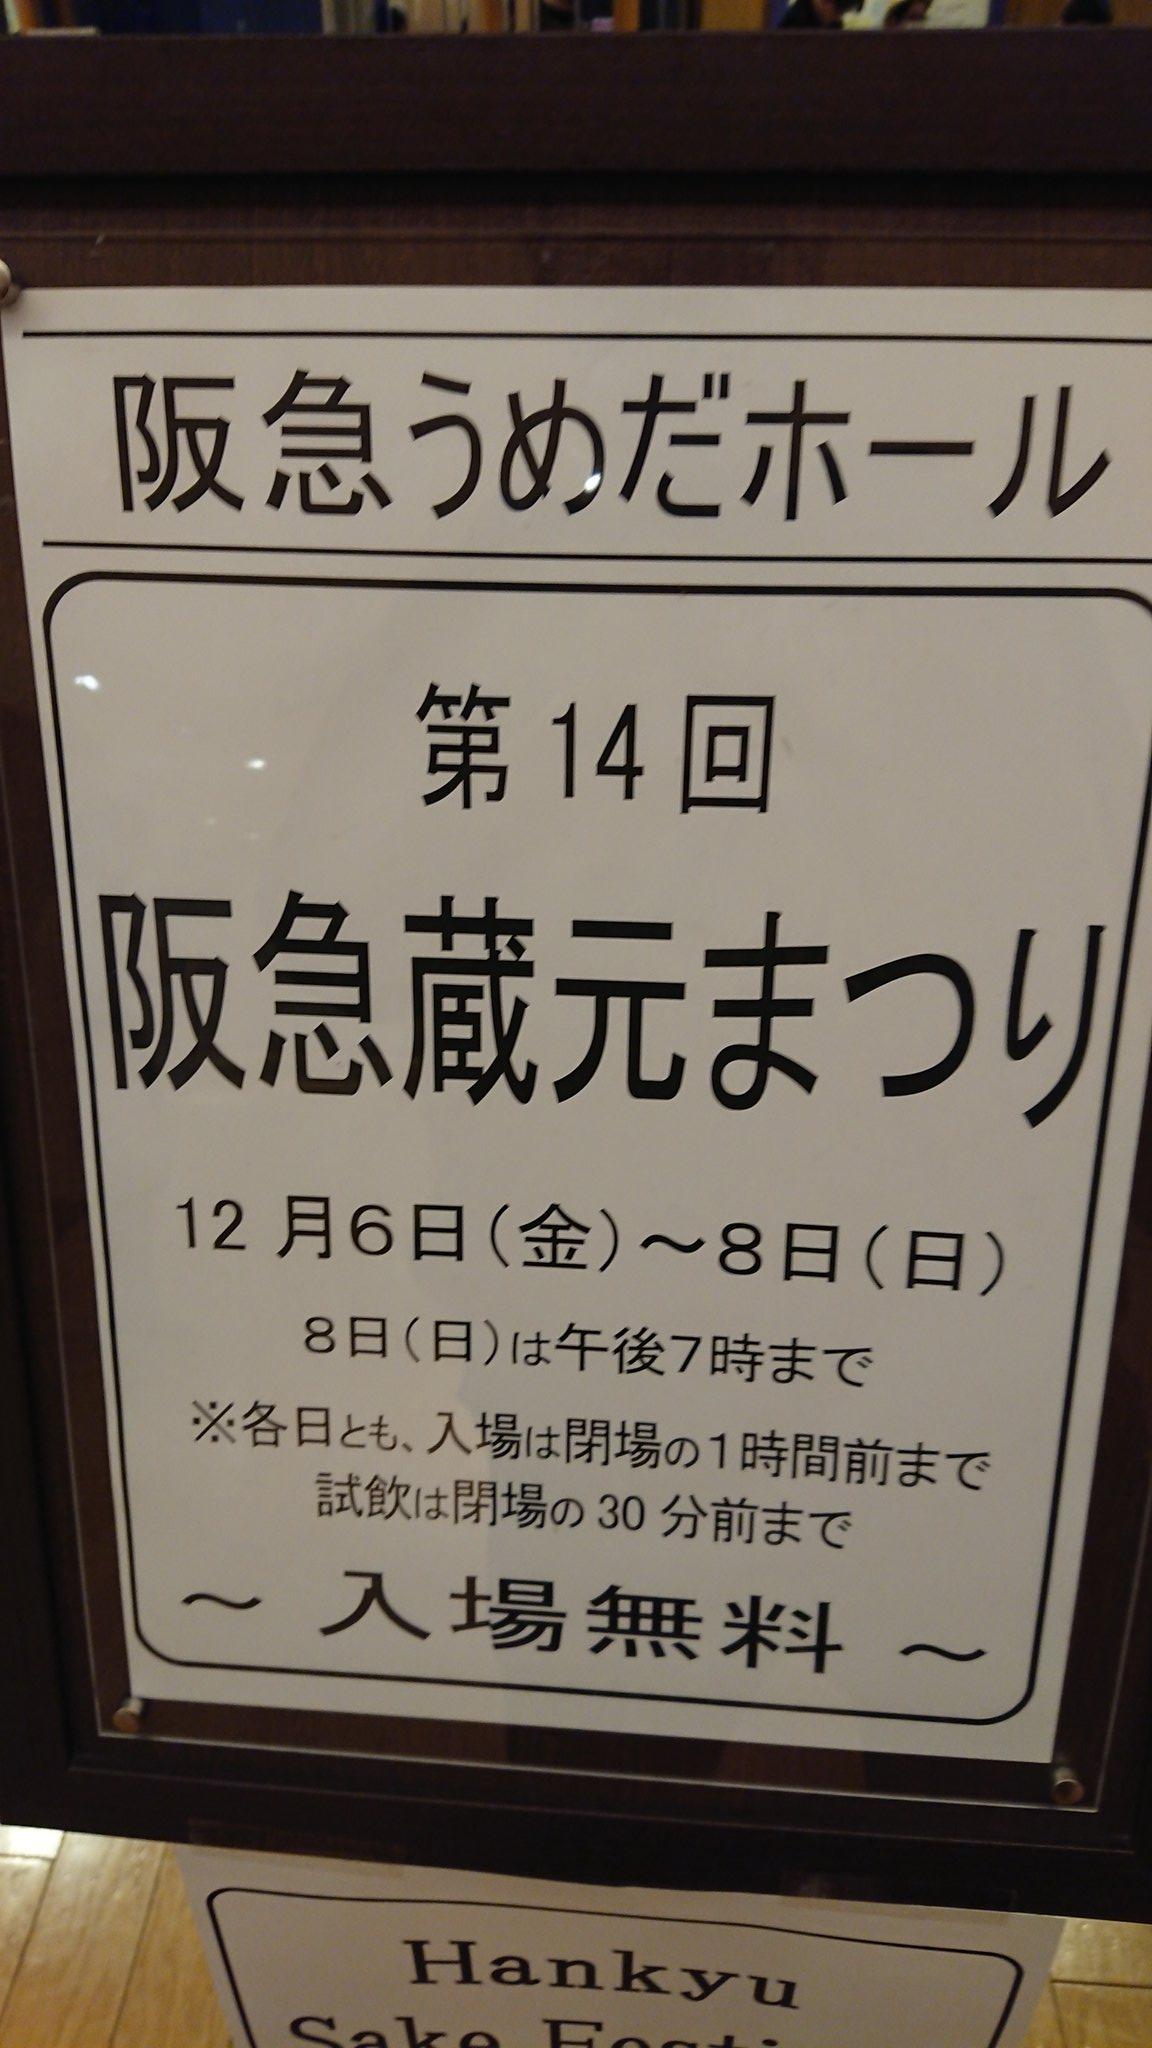 関西の日本酒オタク集まれ〜!美味しい日本酒がタダで試飲できる日本酒コミケがやってるよ!